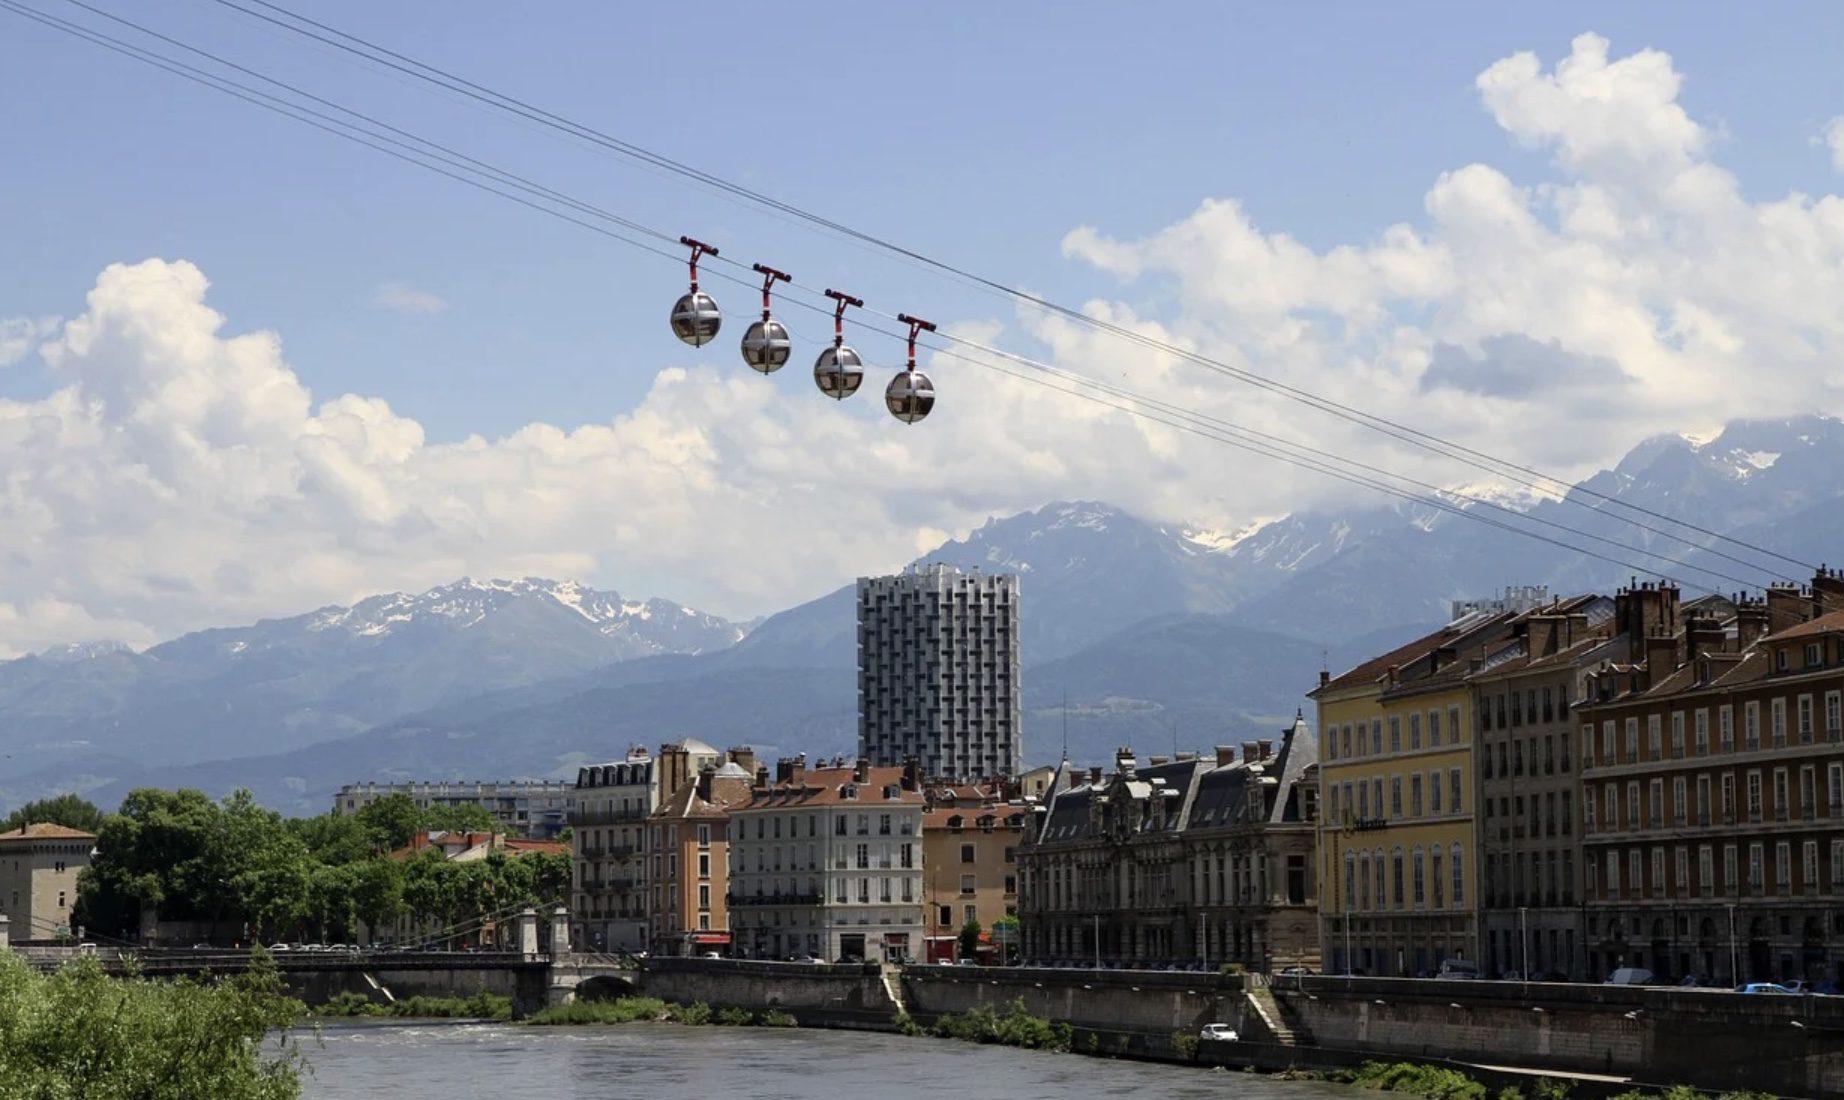 Prix de l'immobilier à Grenoble : une hausse des tarifs depuis quelques mois, les zones à privilégier